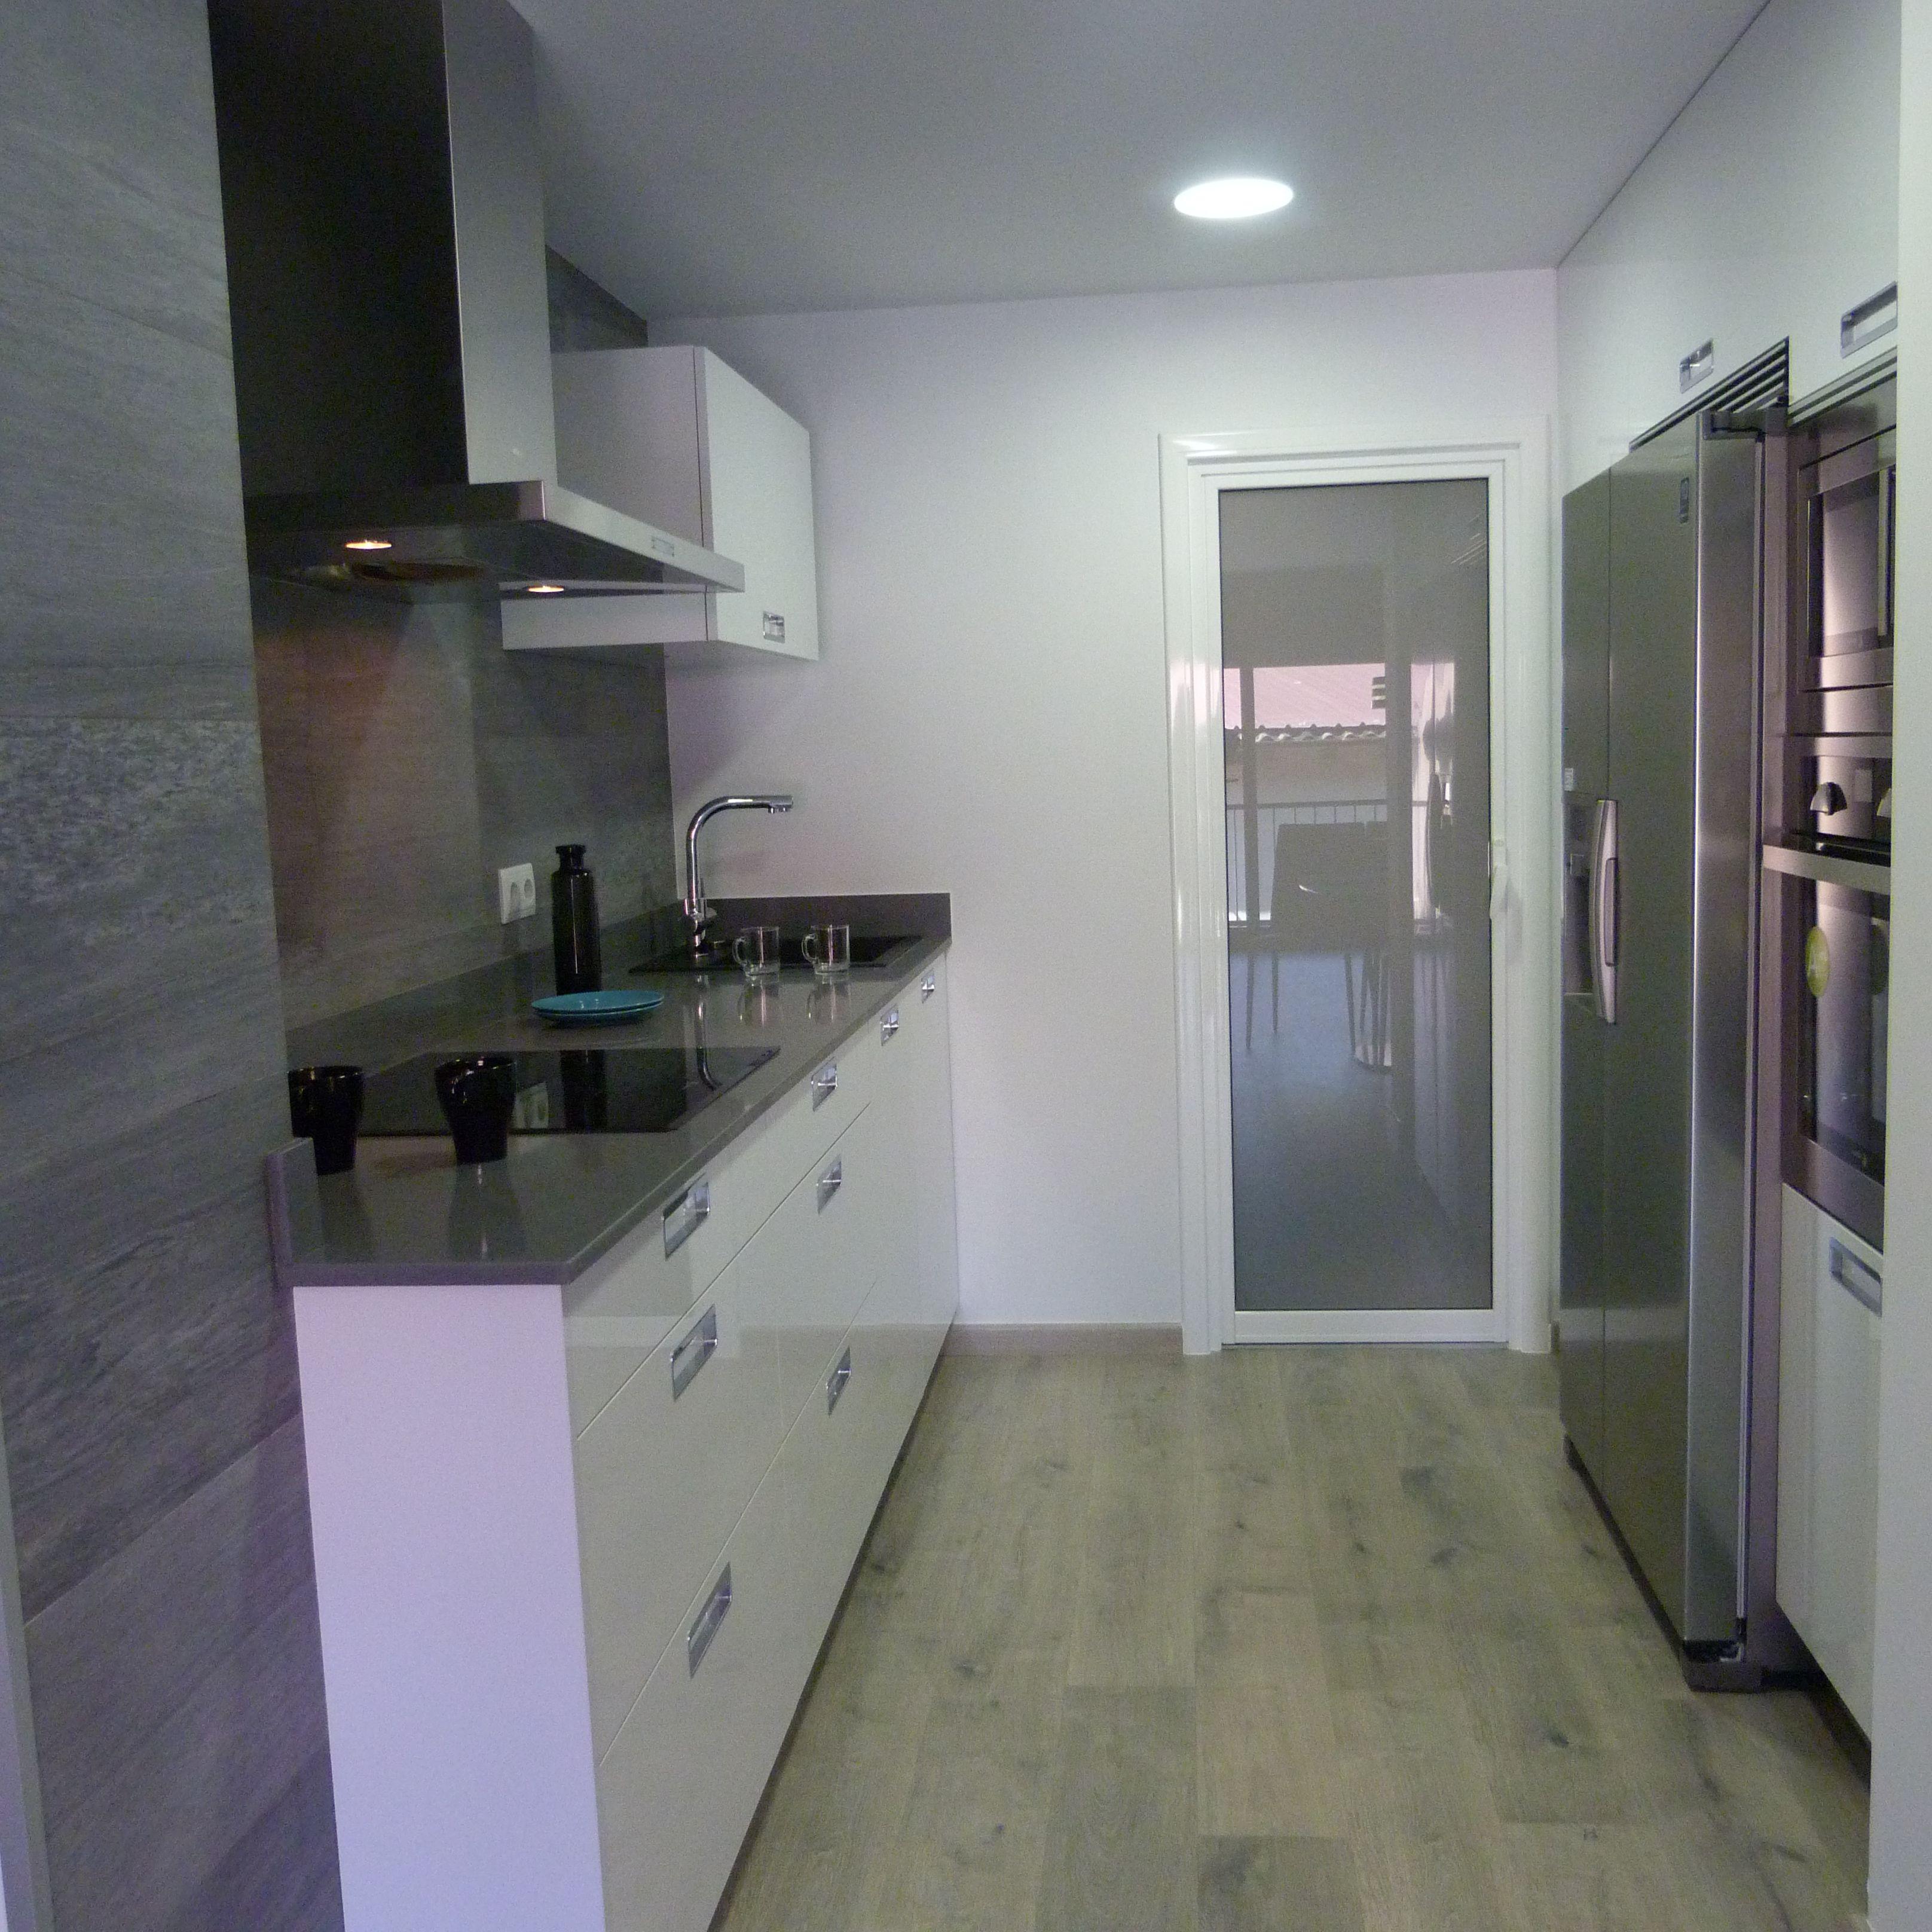 Mobiliario cocina santos modelo plano blanco brillo - Pisos para cocinas ...